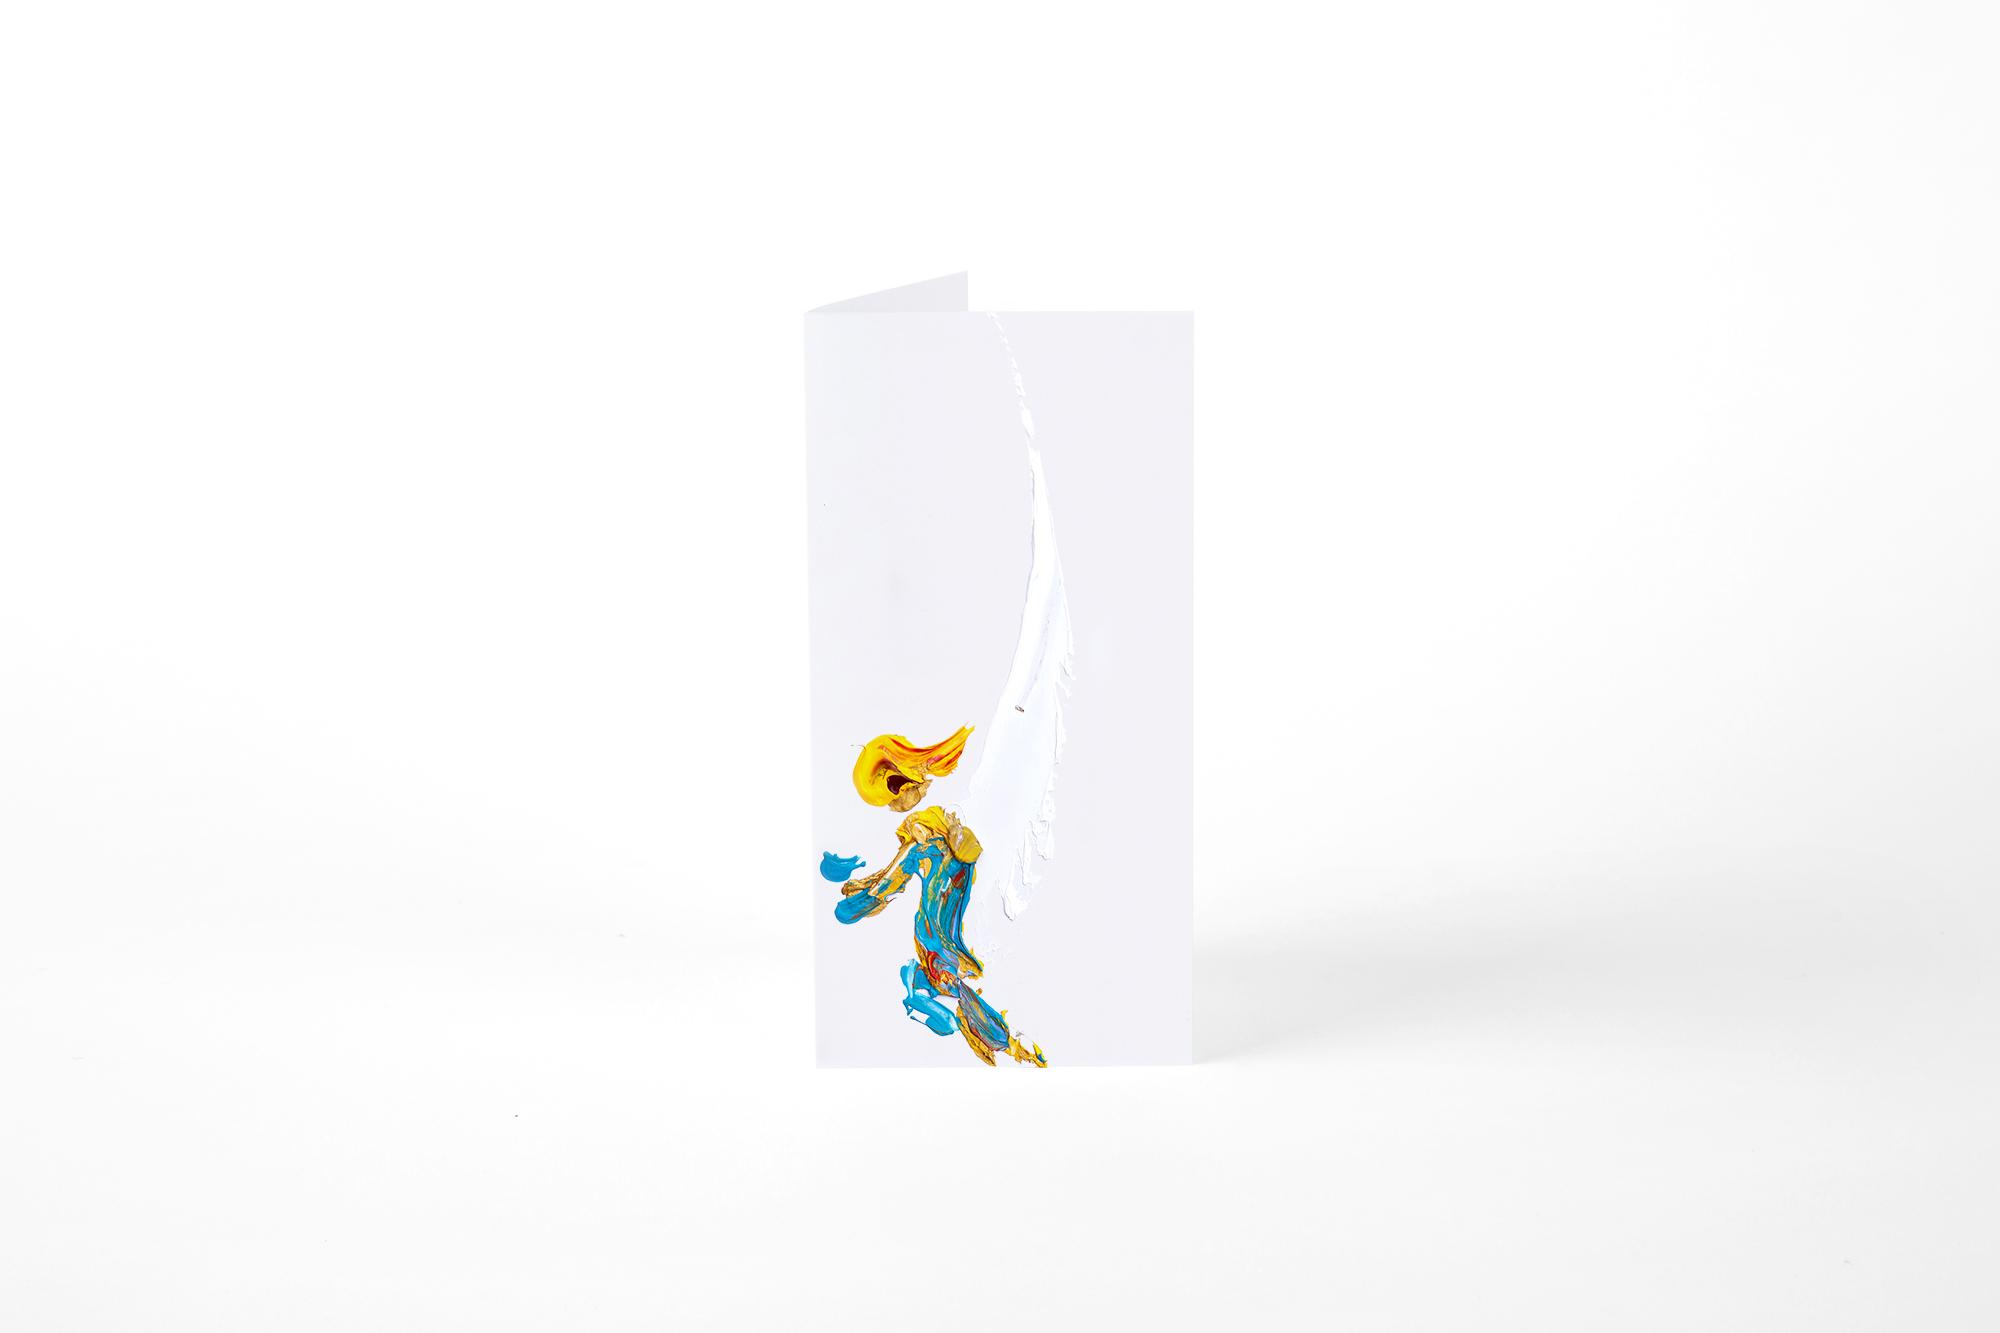 Card6.JPG